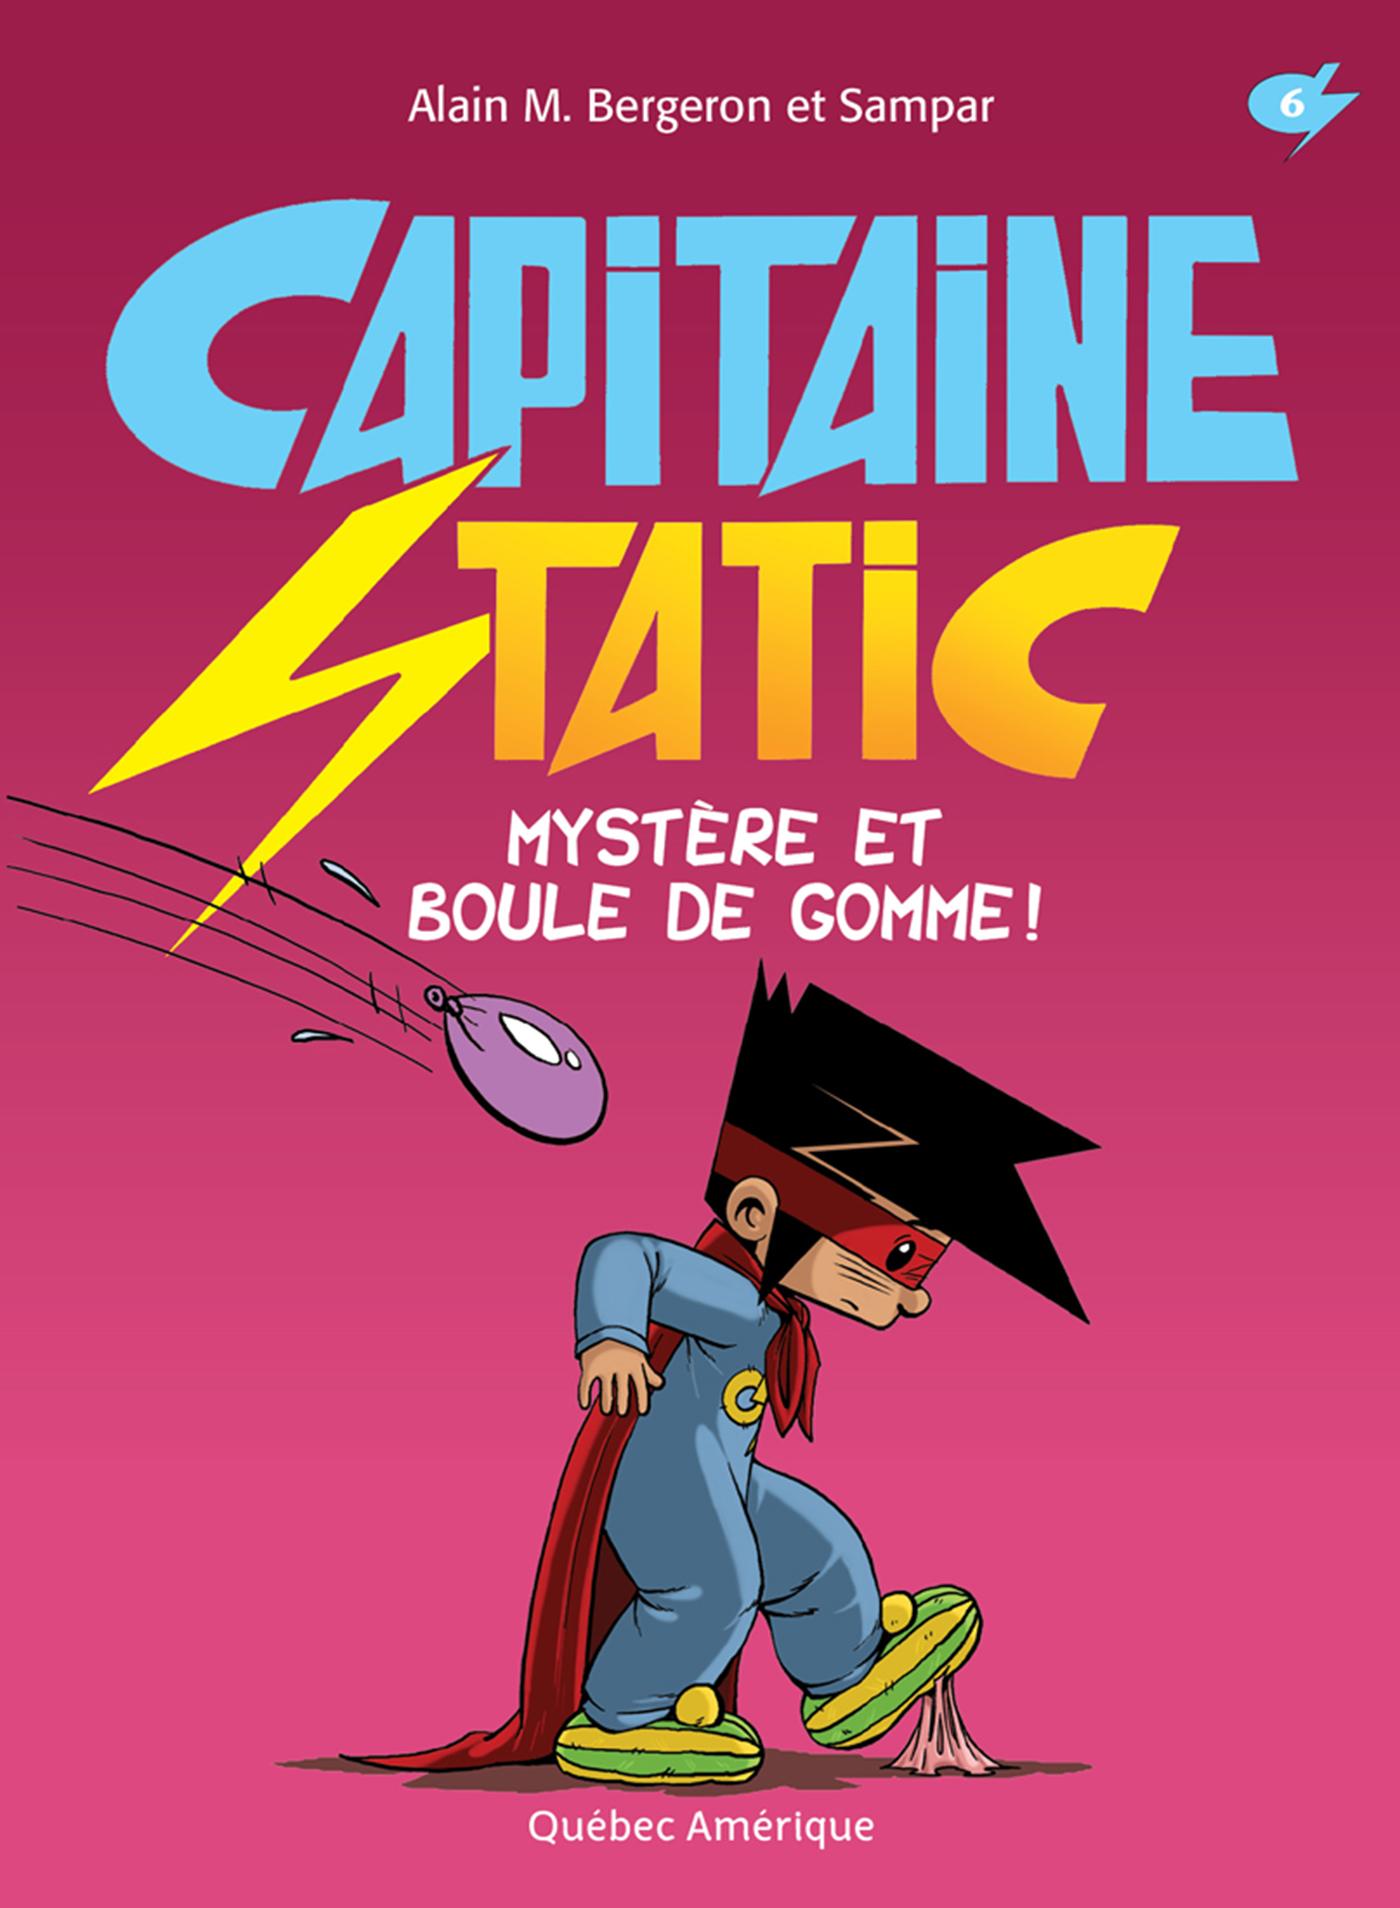 Capitaine Static 6 - Mystère et boule de gomme!